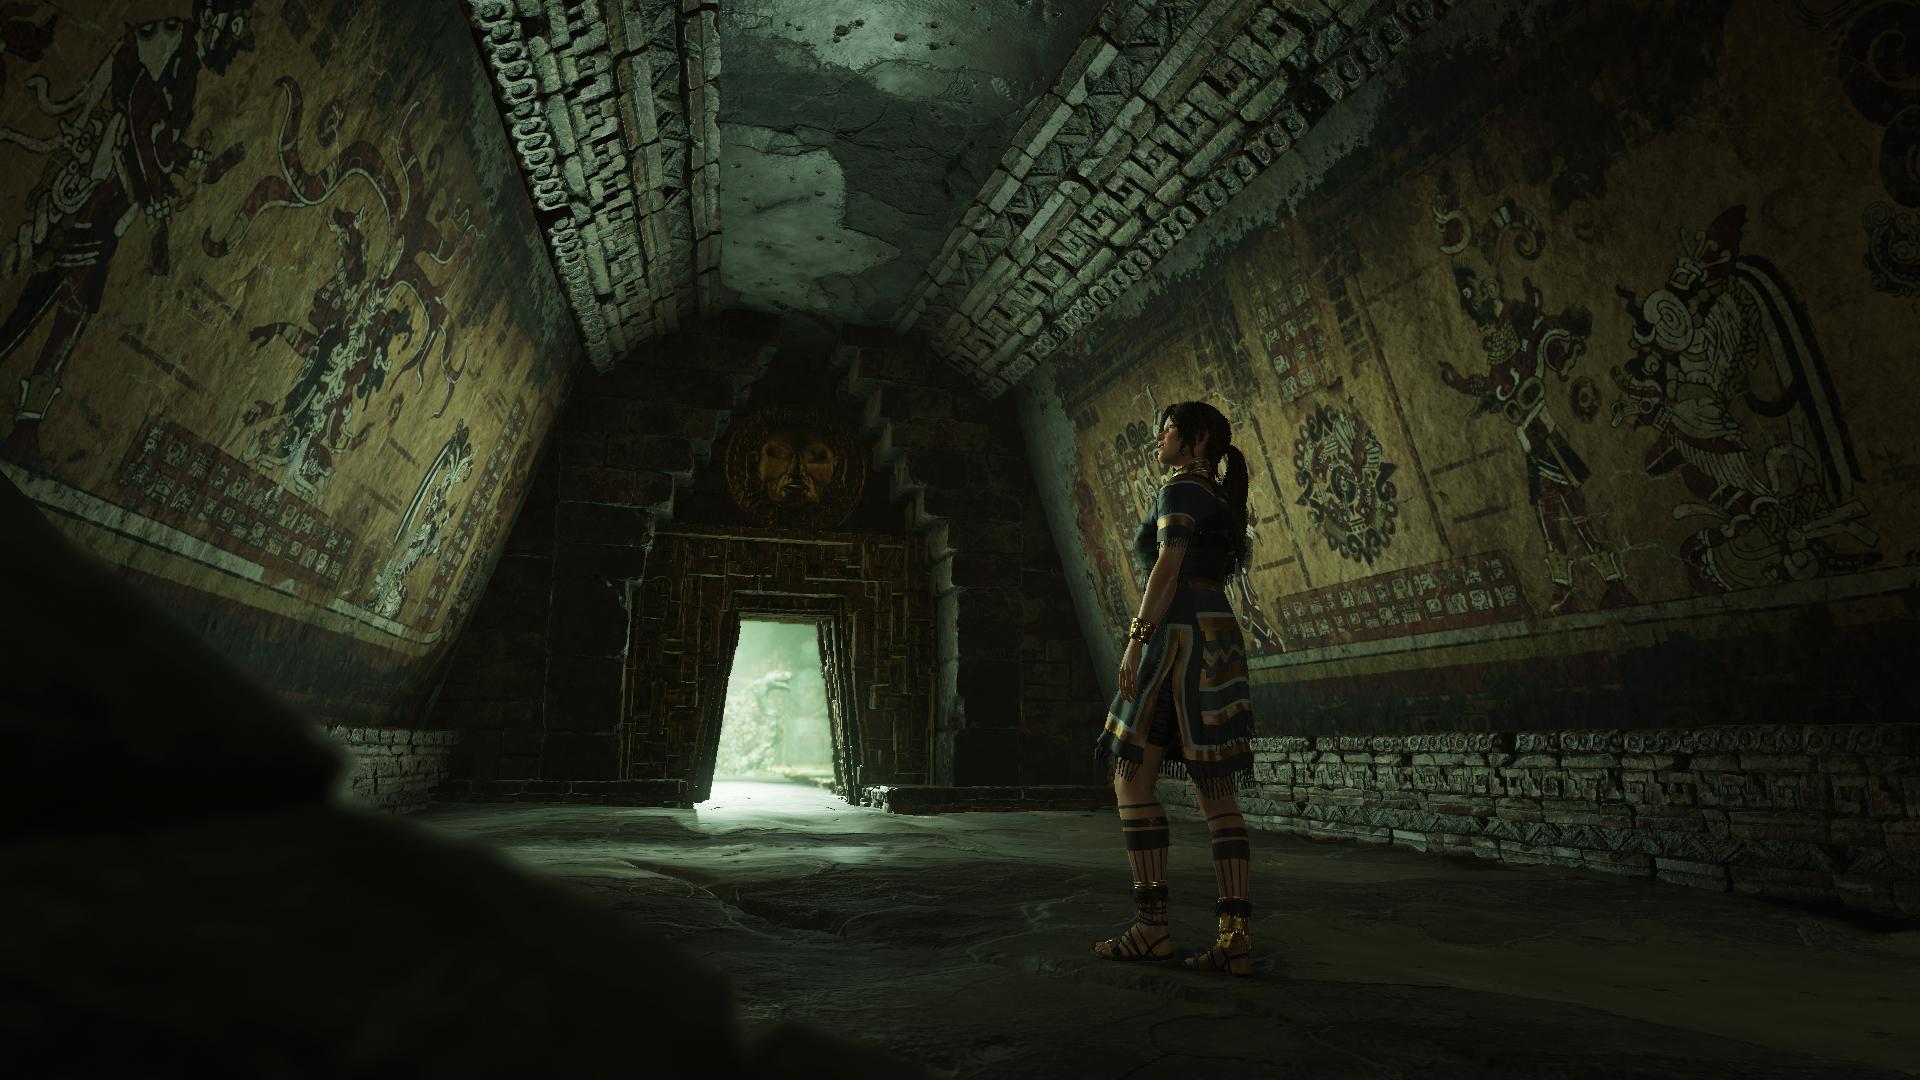 tomb raider wallpaper hd 1920x1080